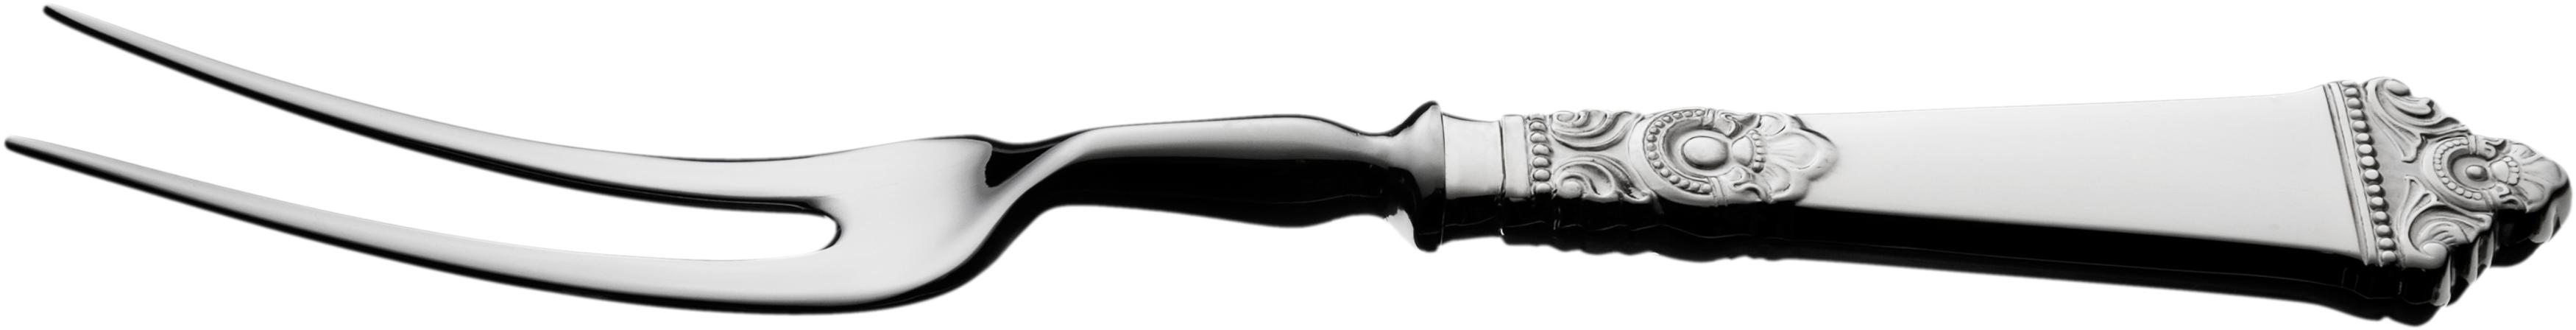 Forskjærgaffel, Odel sølvbestikk